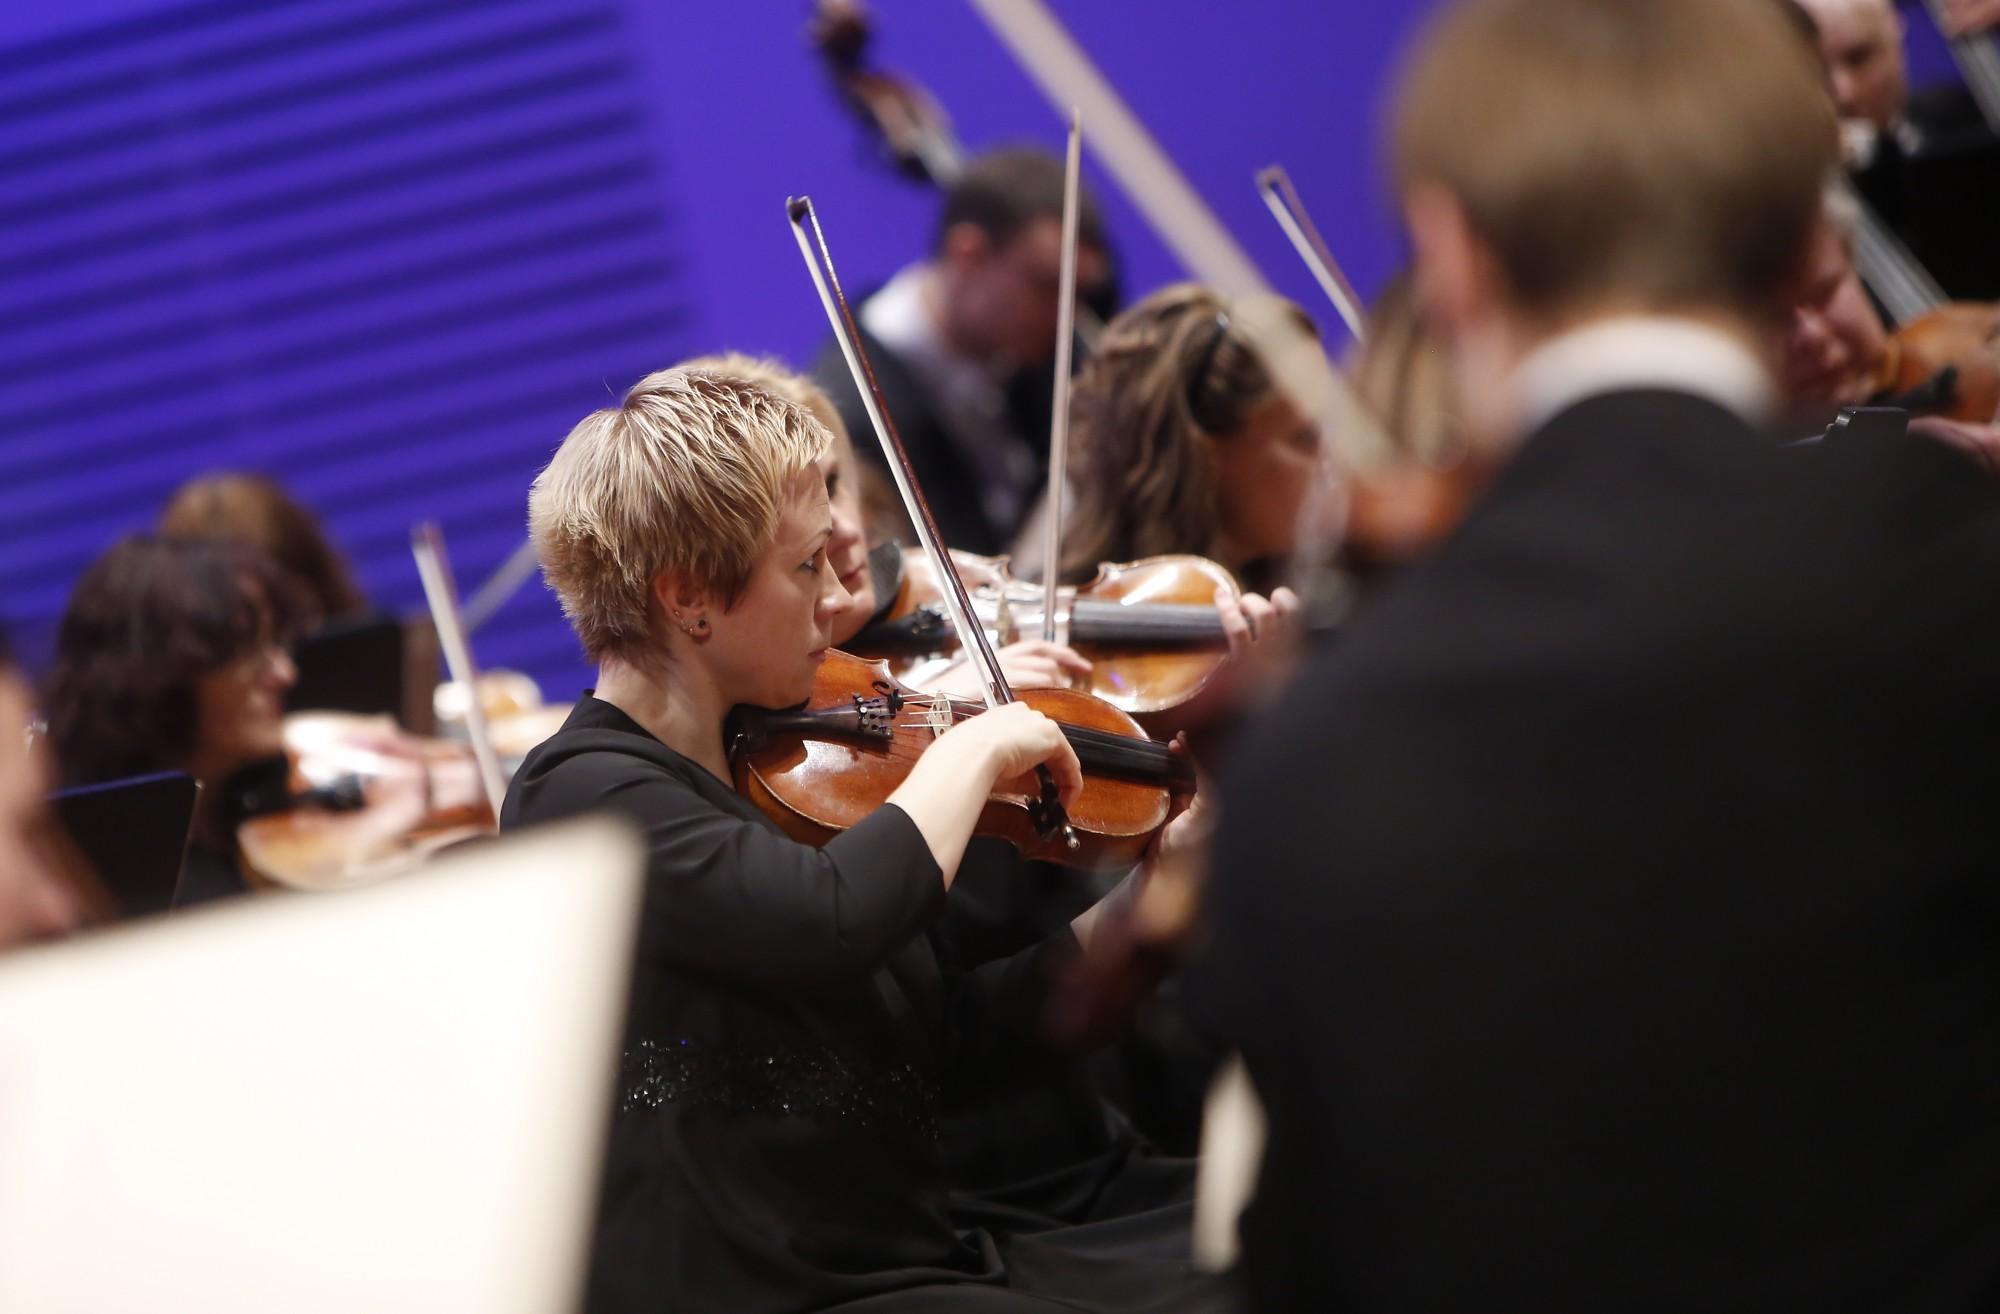 Nepietiekama finansējuma dēļ atcelts viens no zvaigžņu festivāla koncertiem